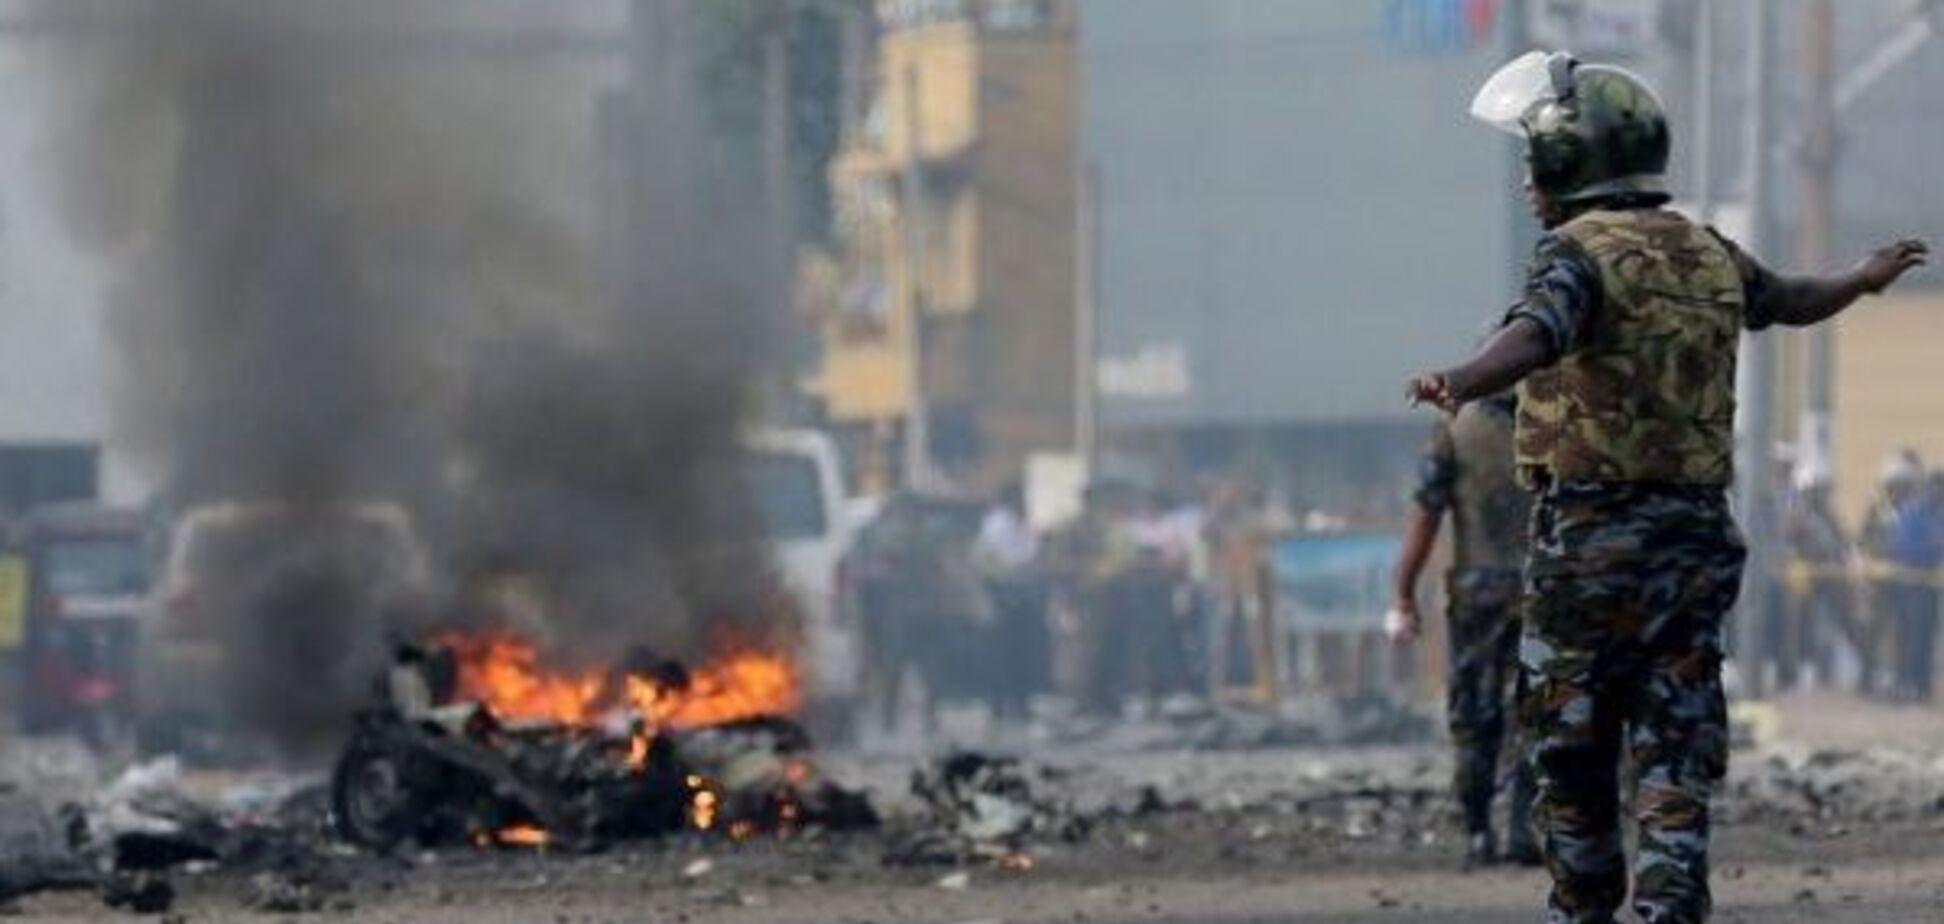 Кривава перестрілка з поліцією на Шрі-Ланці: знайшли тіла шести дітей